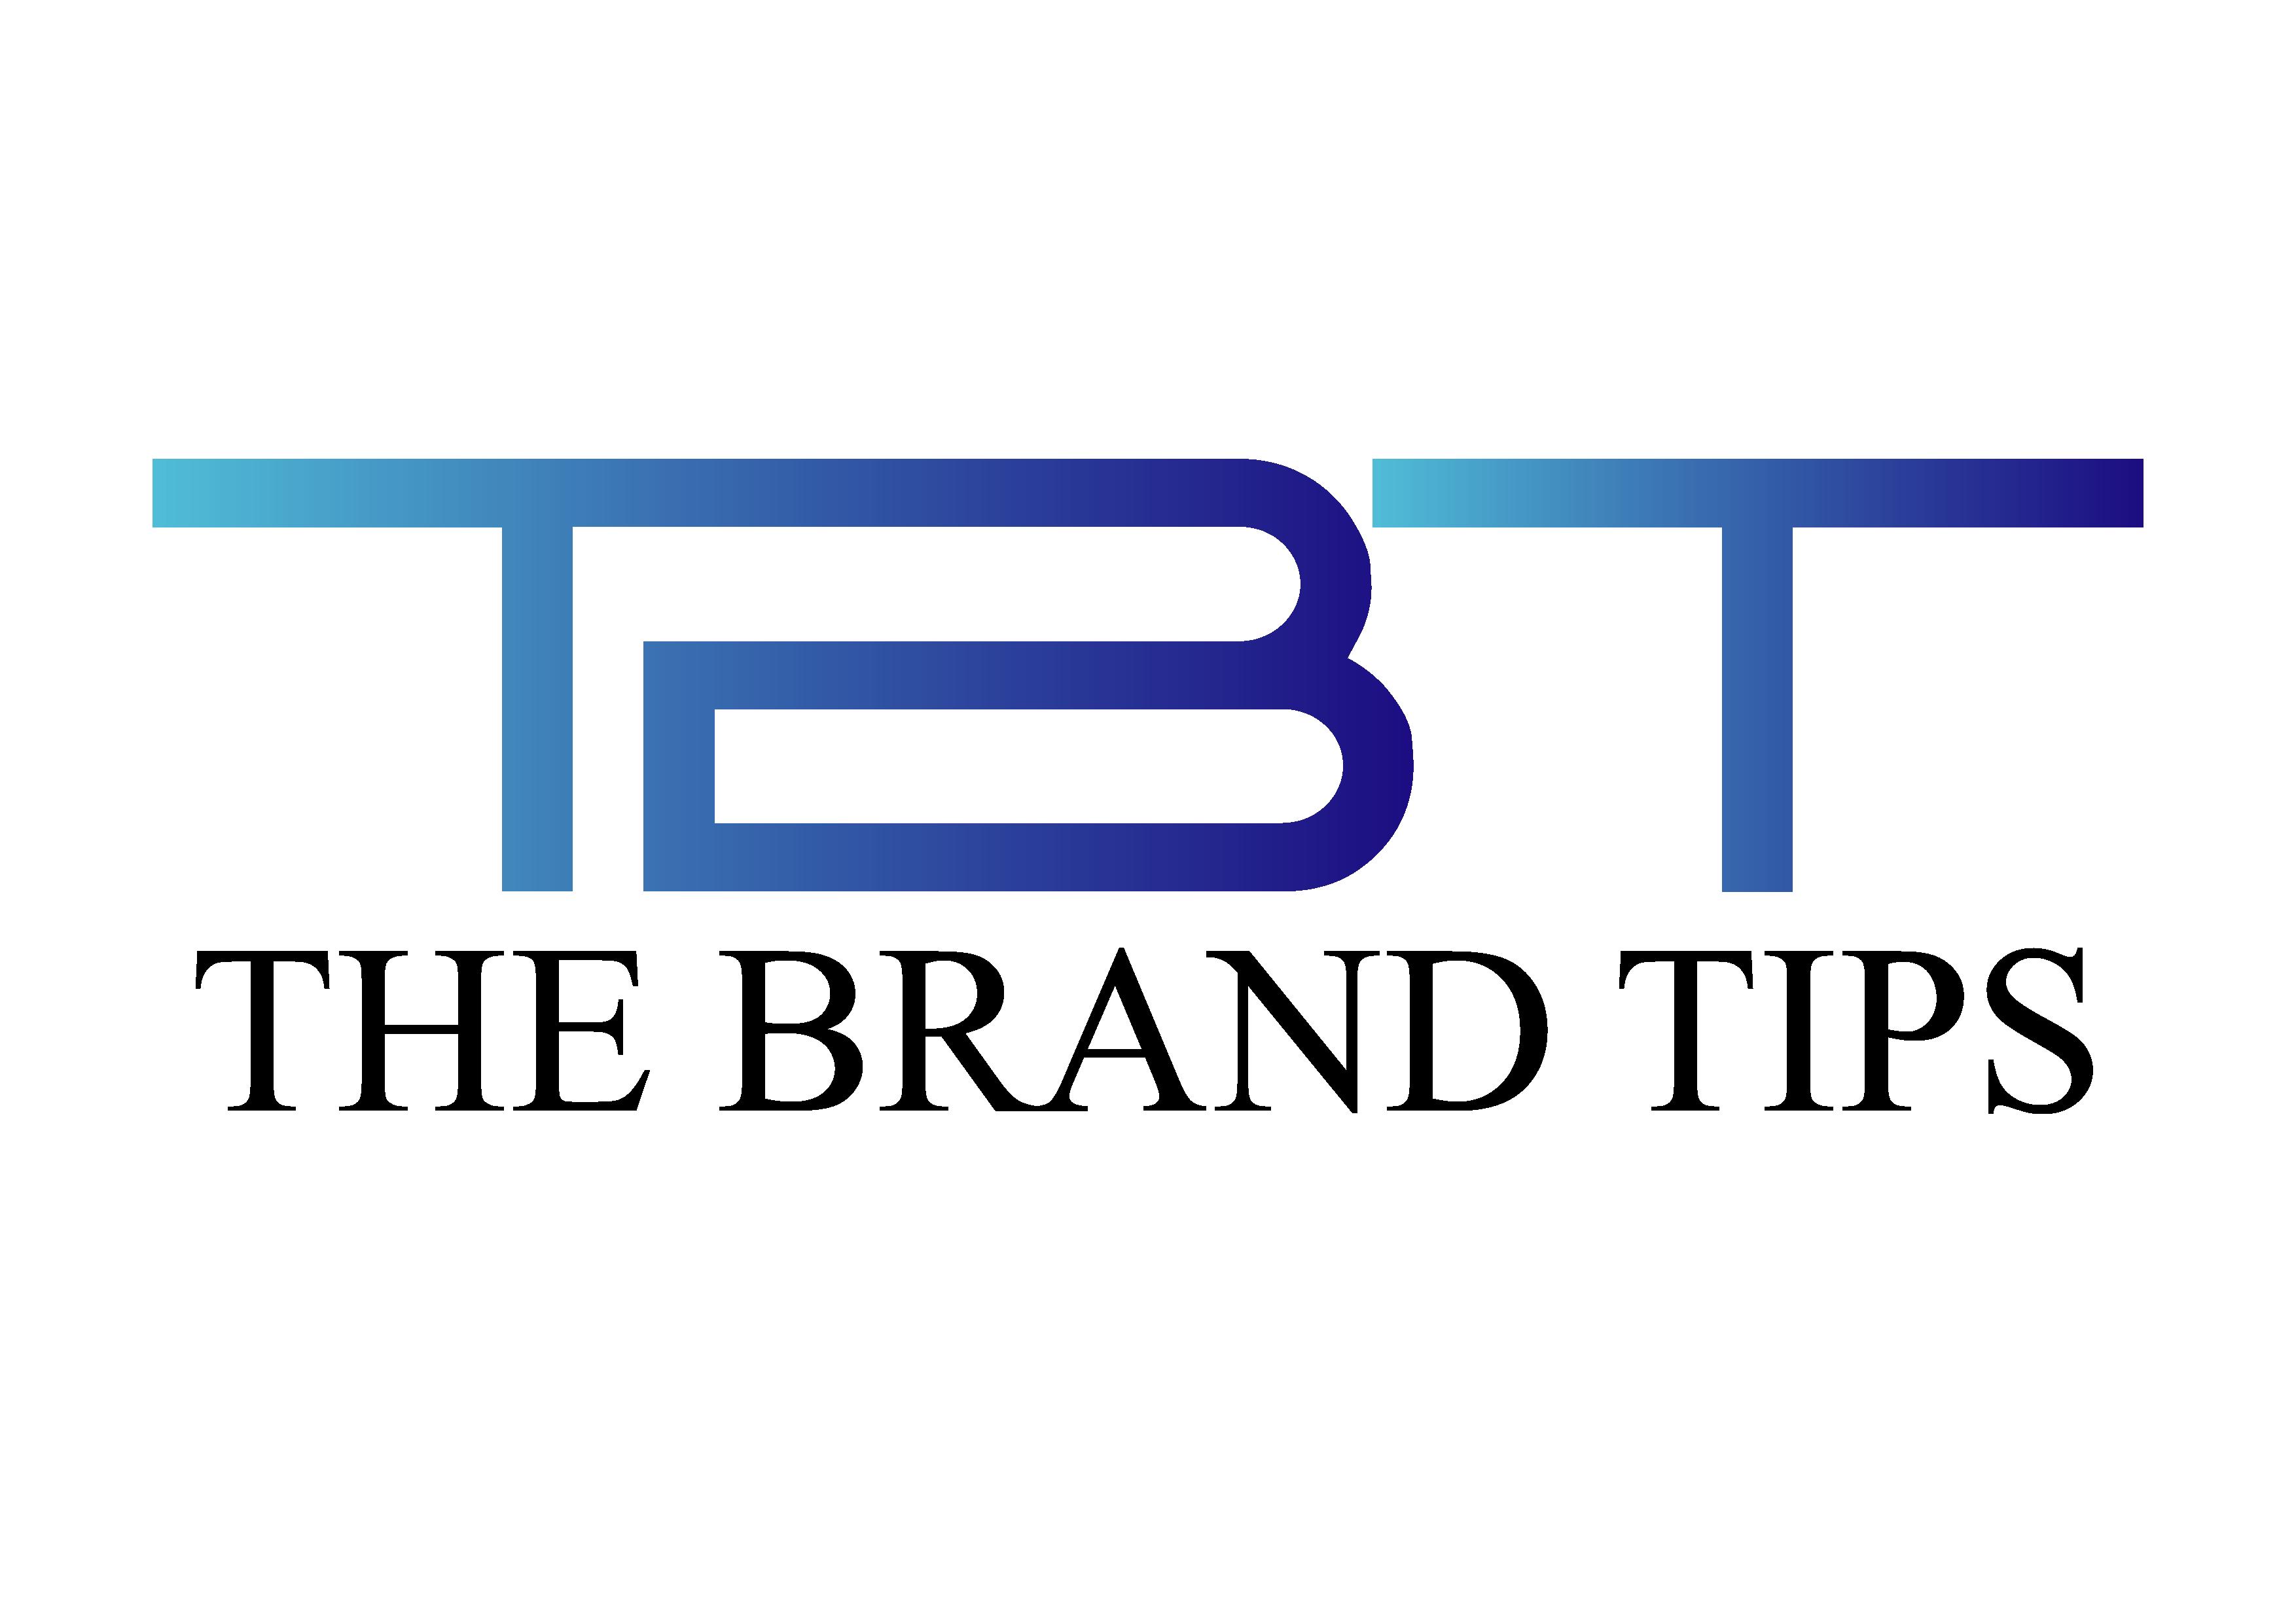 The Brand Tips – Best Digital Marketing Agency in Kolkata | Website Design in Kolkata | SEO Expert in Kolkata | Google Partner in Kolkata | Google Trusted Agency in Kolkata | Digital Marketing Company in Kolkata